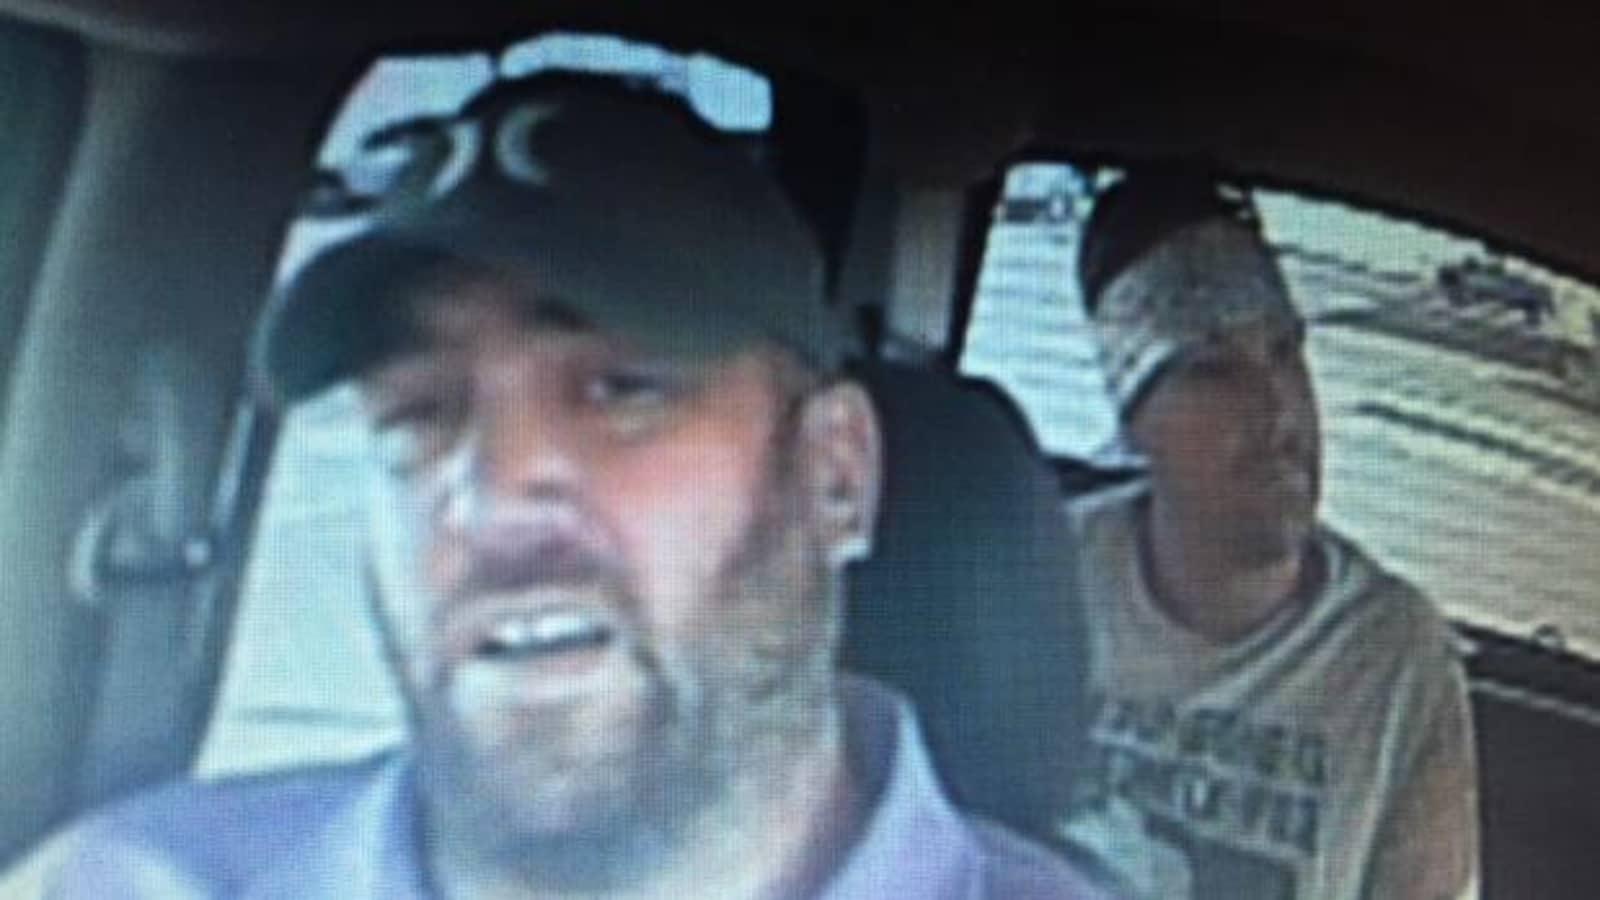 Jason Klaus, assis à l'avant d'une voiture, et Joshua Frank, assis à l'arrière.